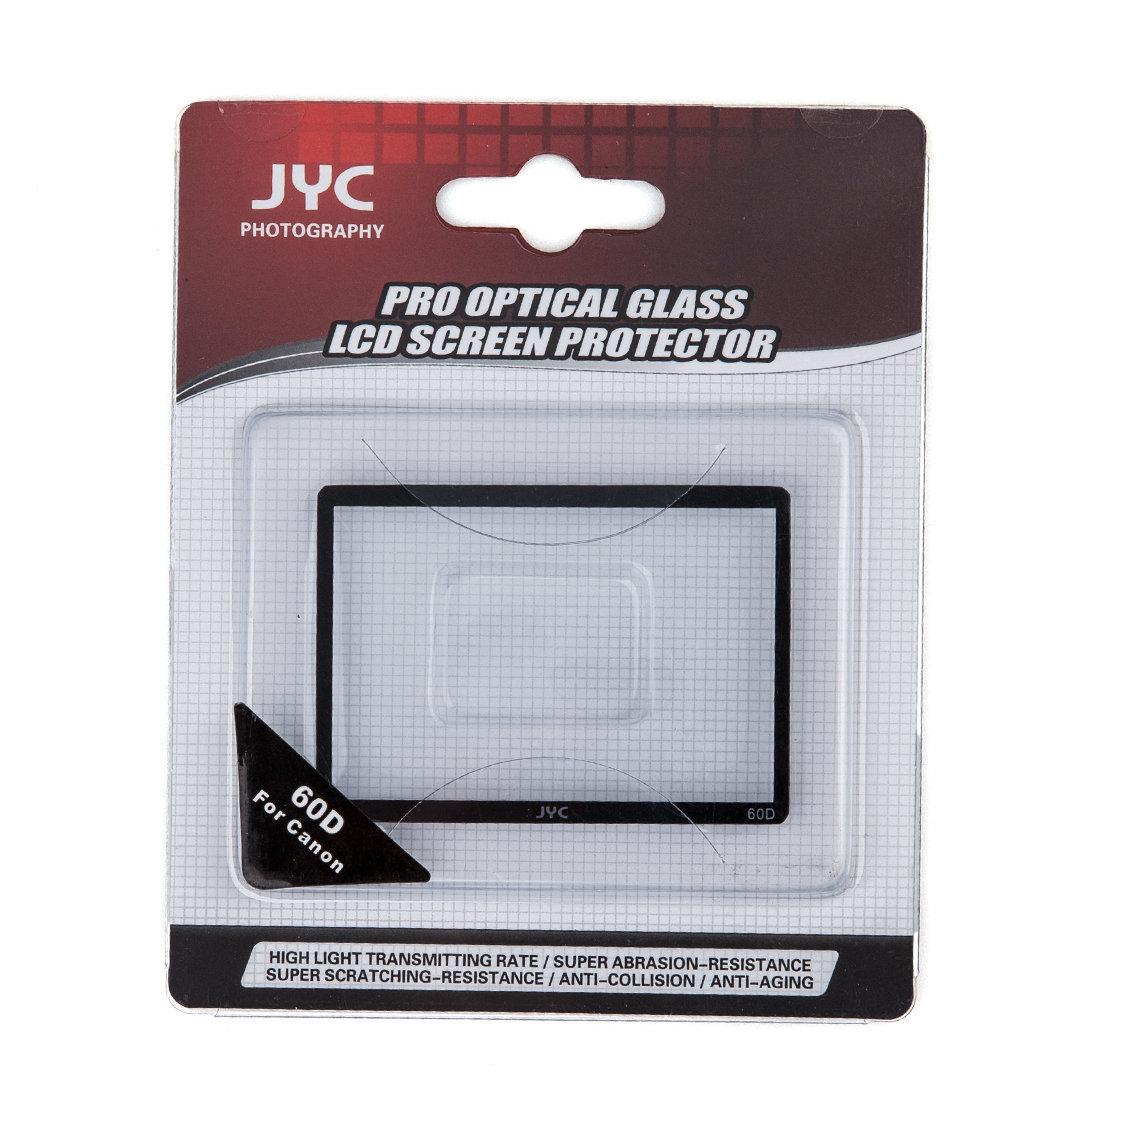 Защитное стекло для фотоаппарата Защитное стекло JYC для Canon 60D